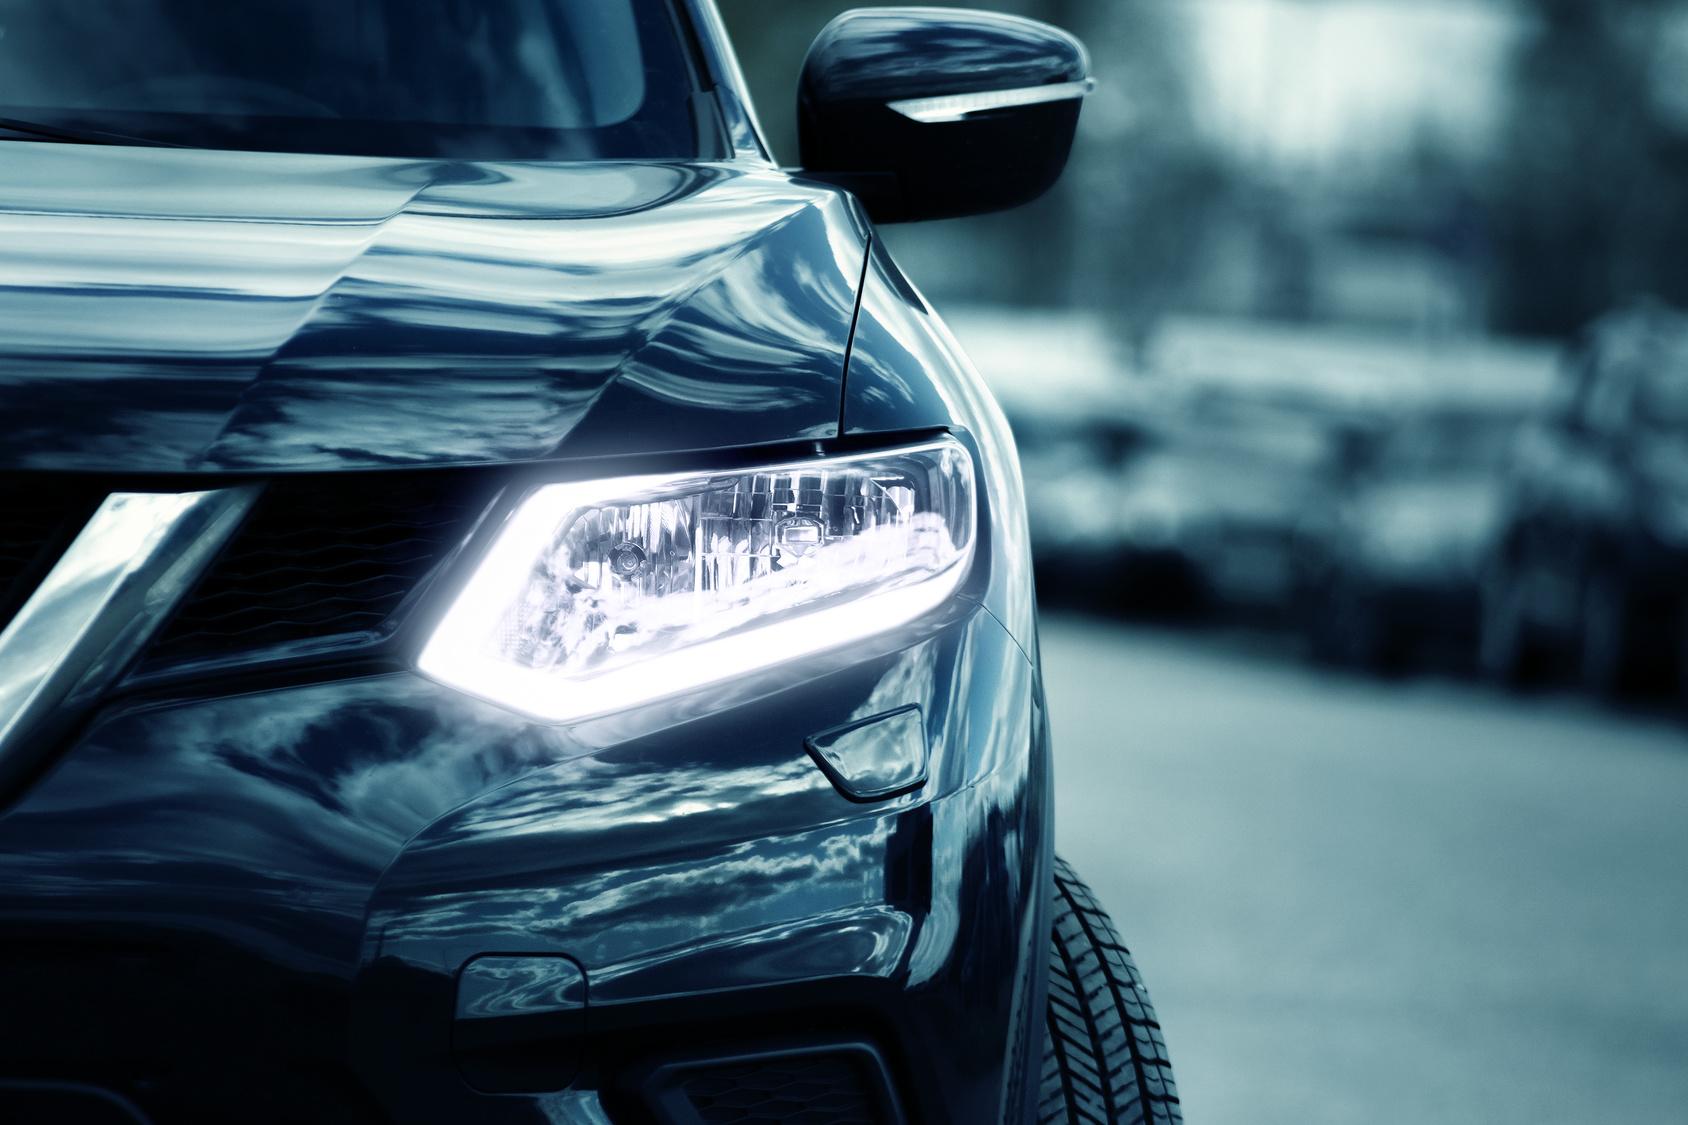 światło samochód reflektor - Fotolia